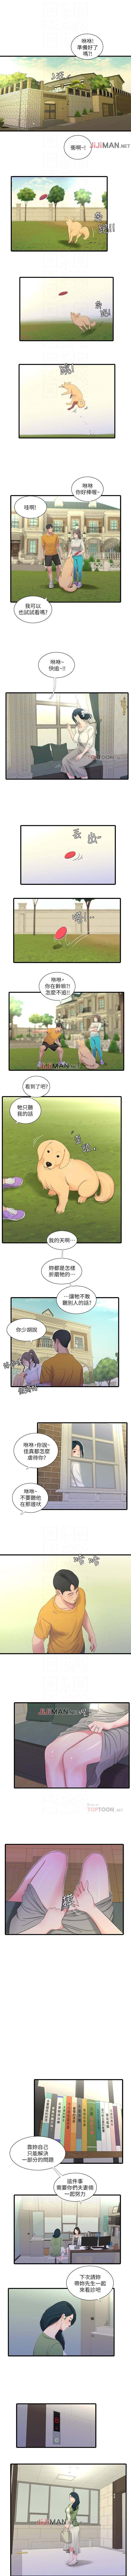 【周四连载】亲家四姐妹(作者:愛摸) 第1~37话 128